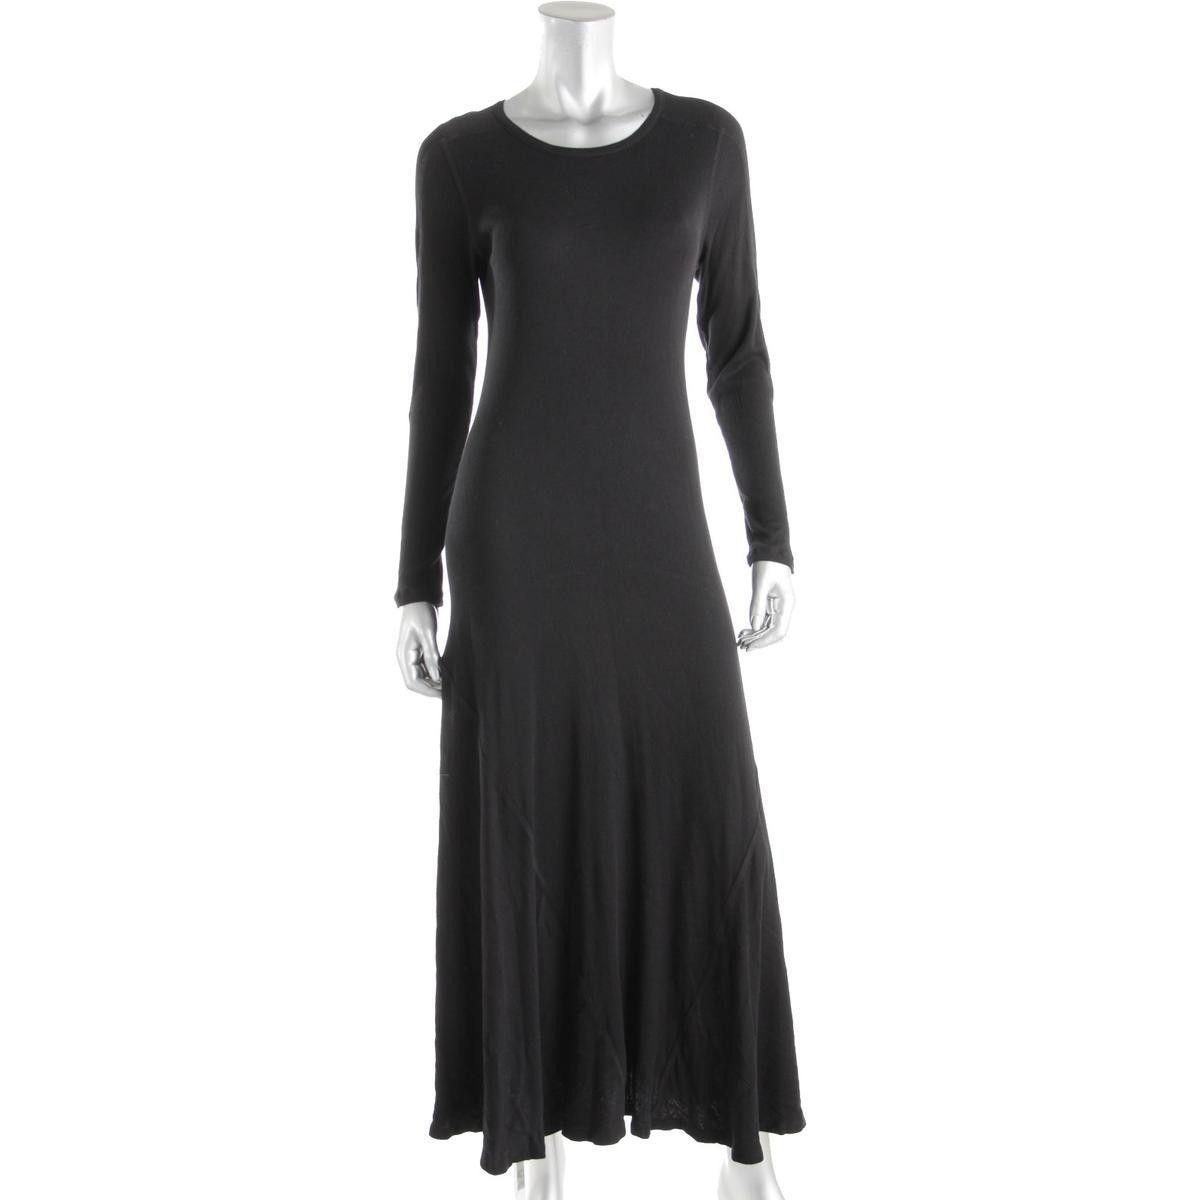 Gh bass u co womens modal blend long sleeves maxi dress